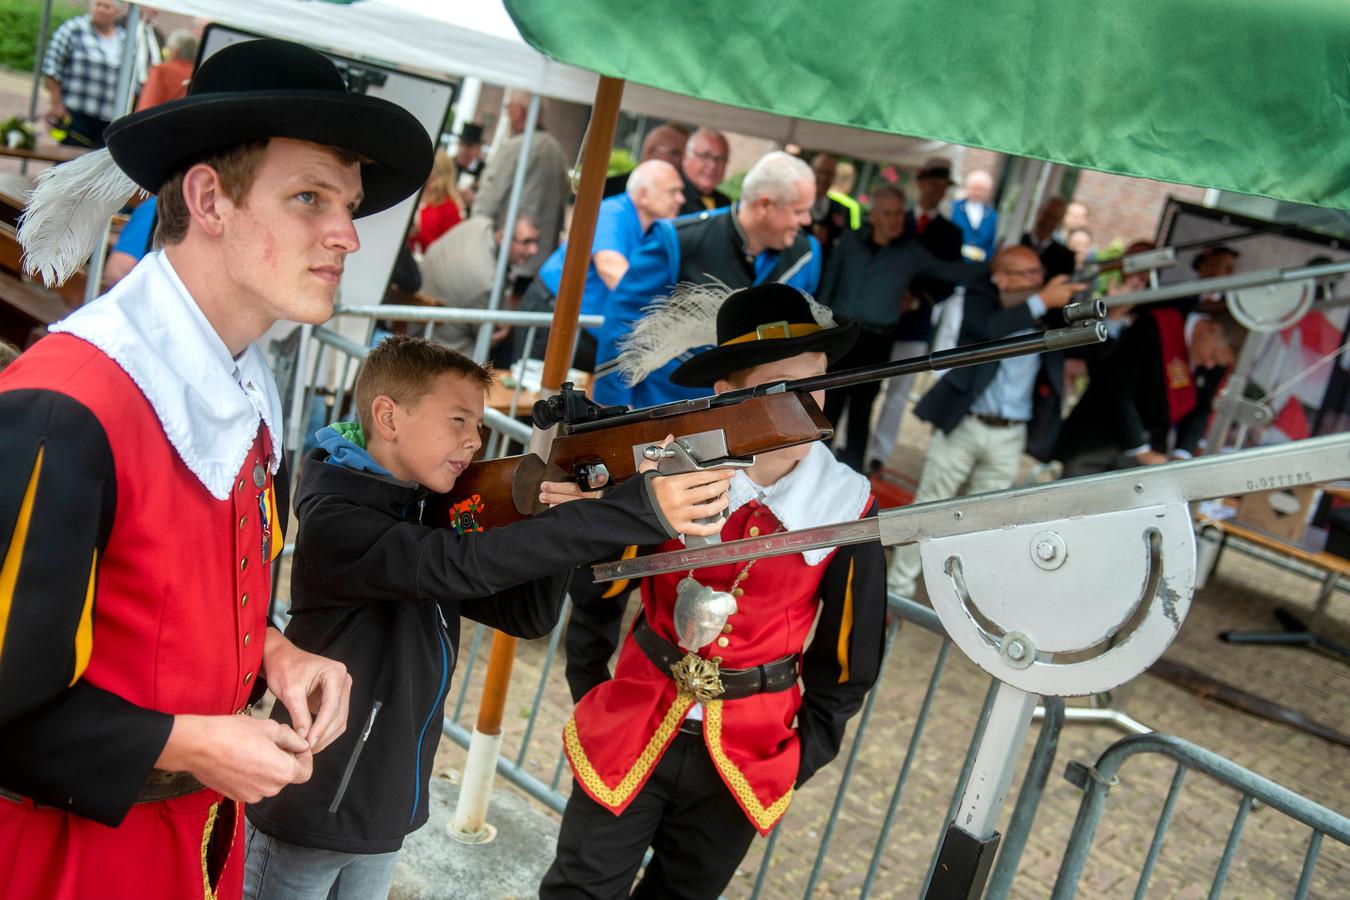 Koningsschieten voor jong en oud in Doornenburg.